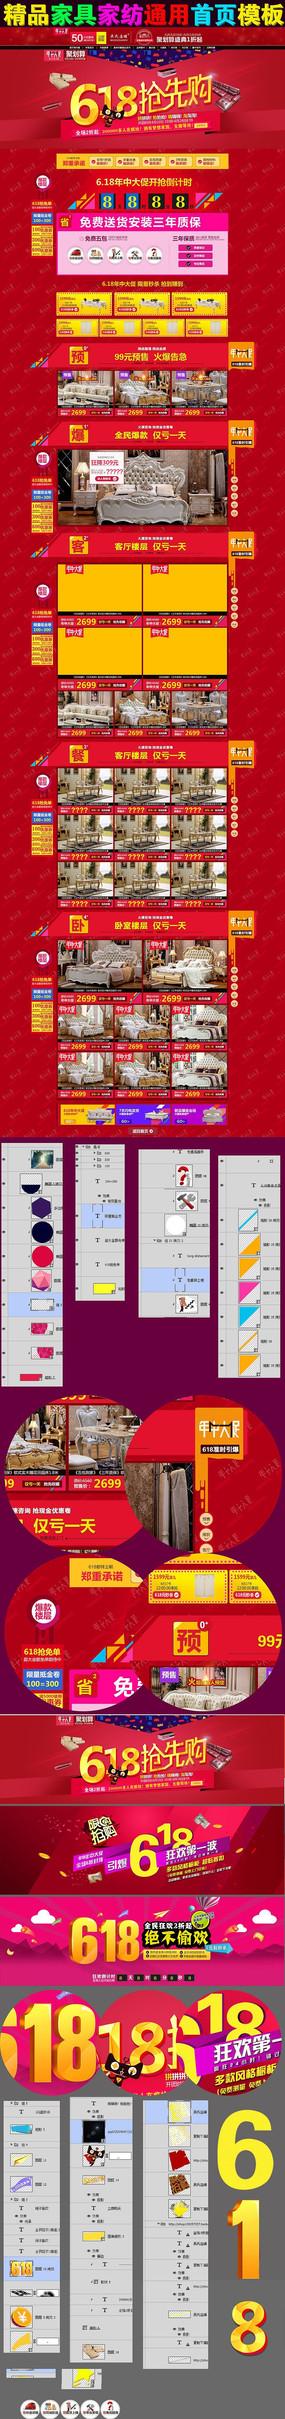 淘宝年中大促首页模板设计 PSD